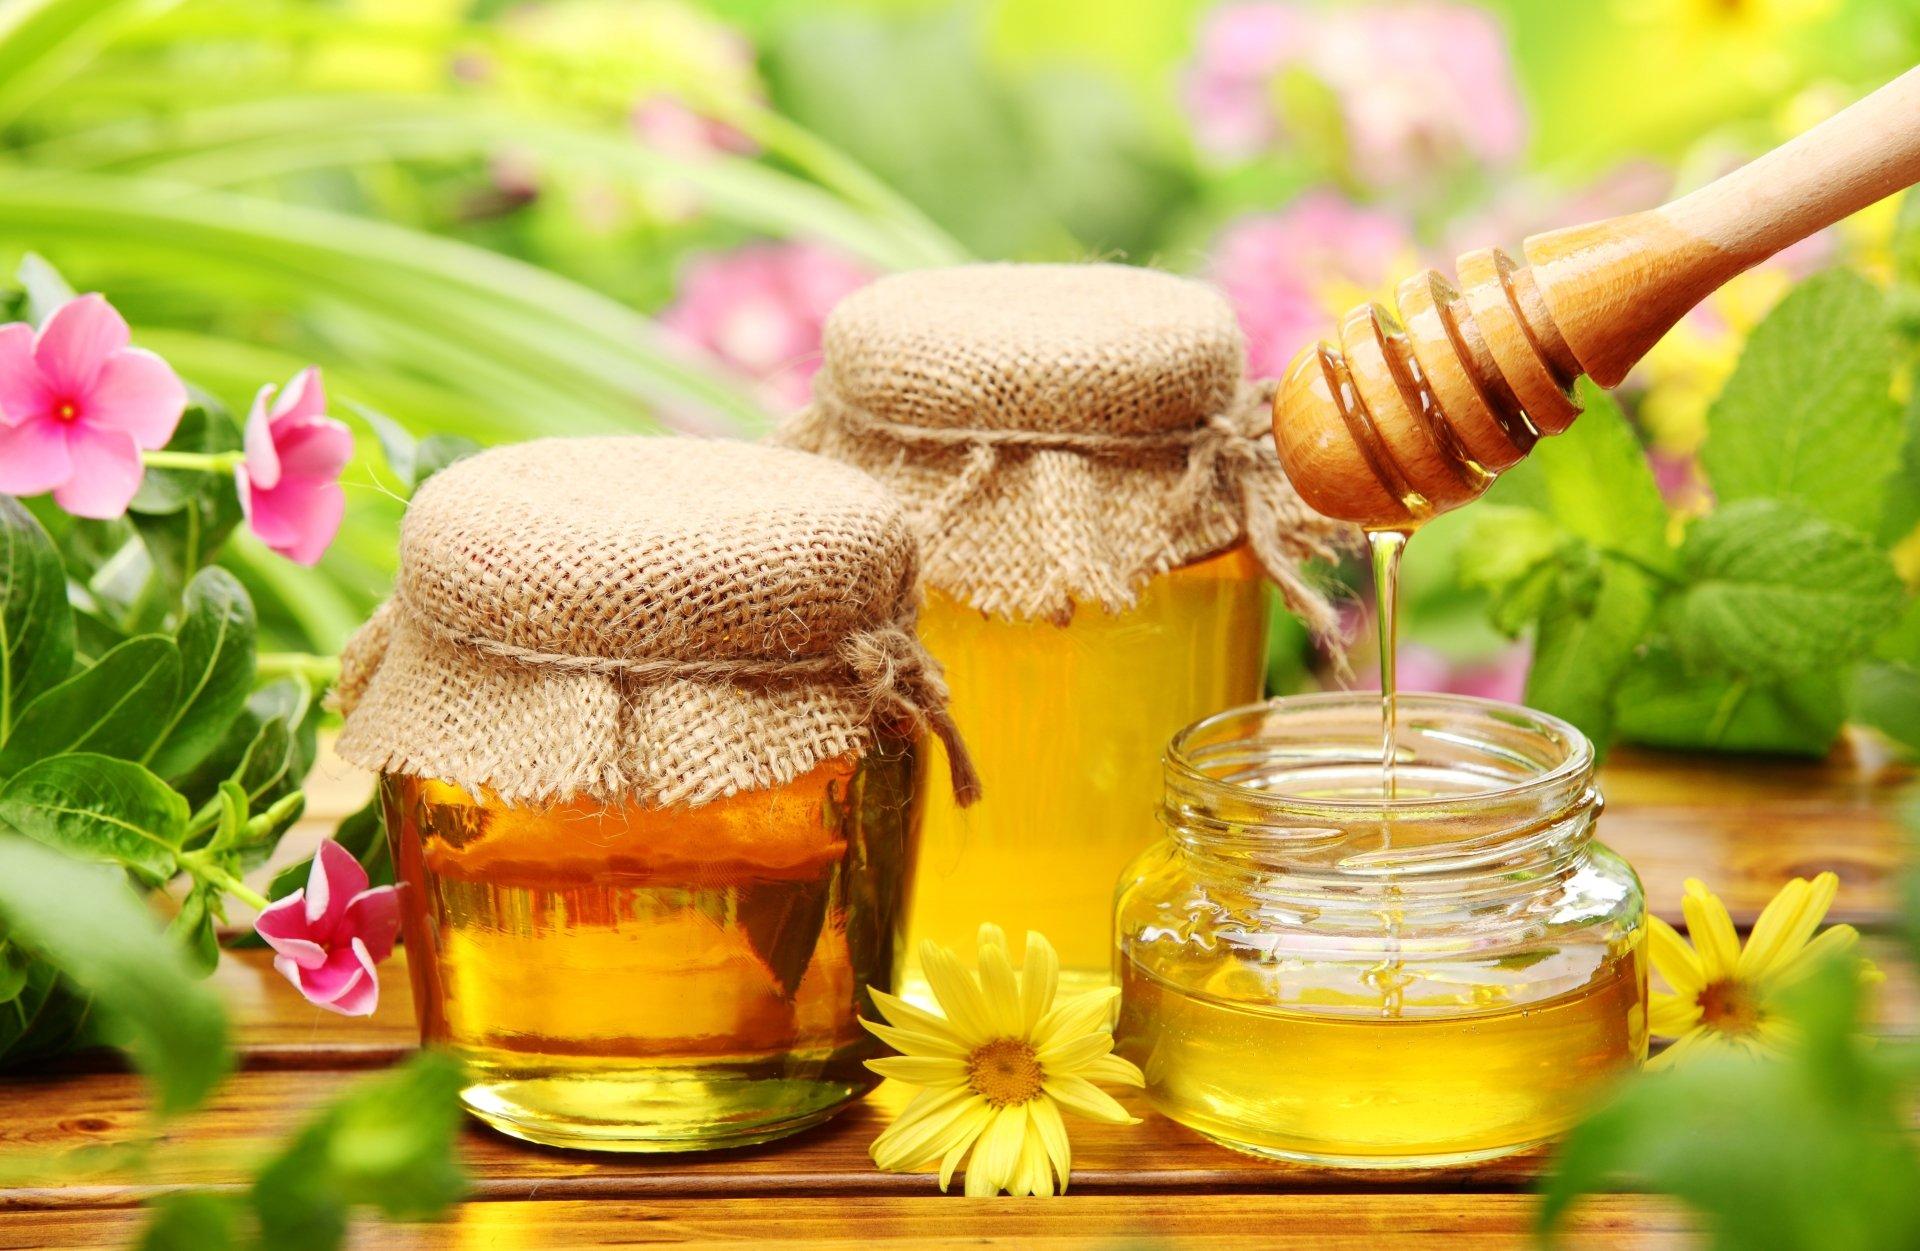 Food - Honey  Still Life Flower Wallpaper